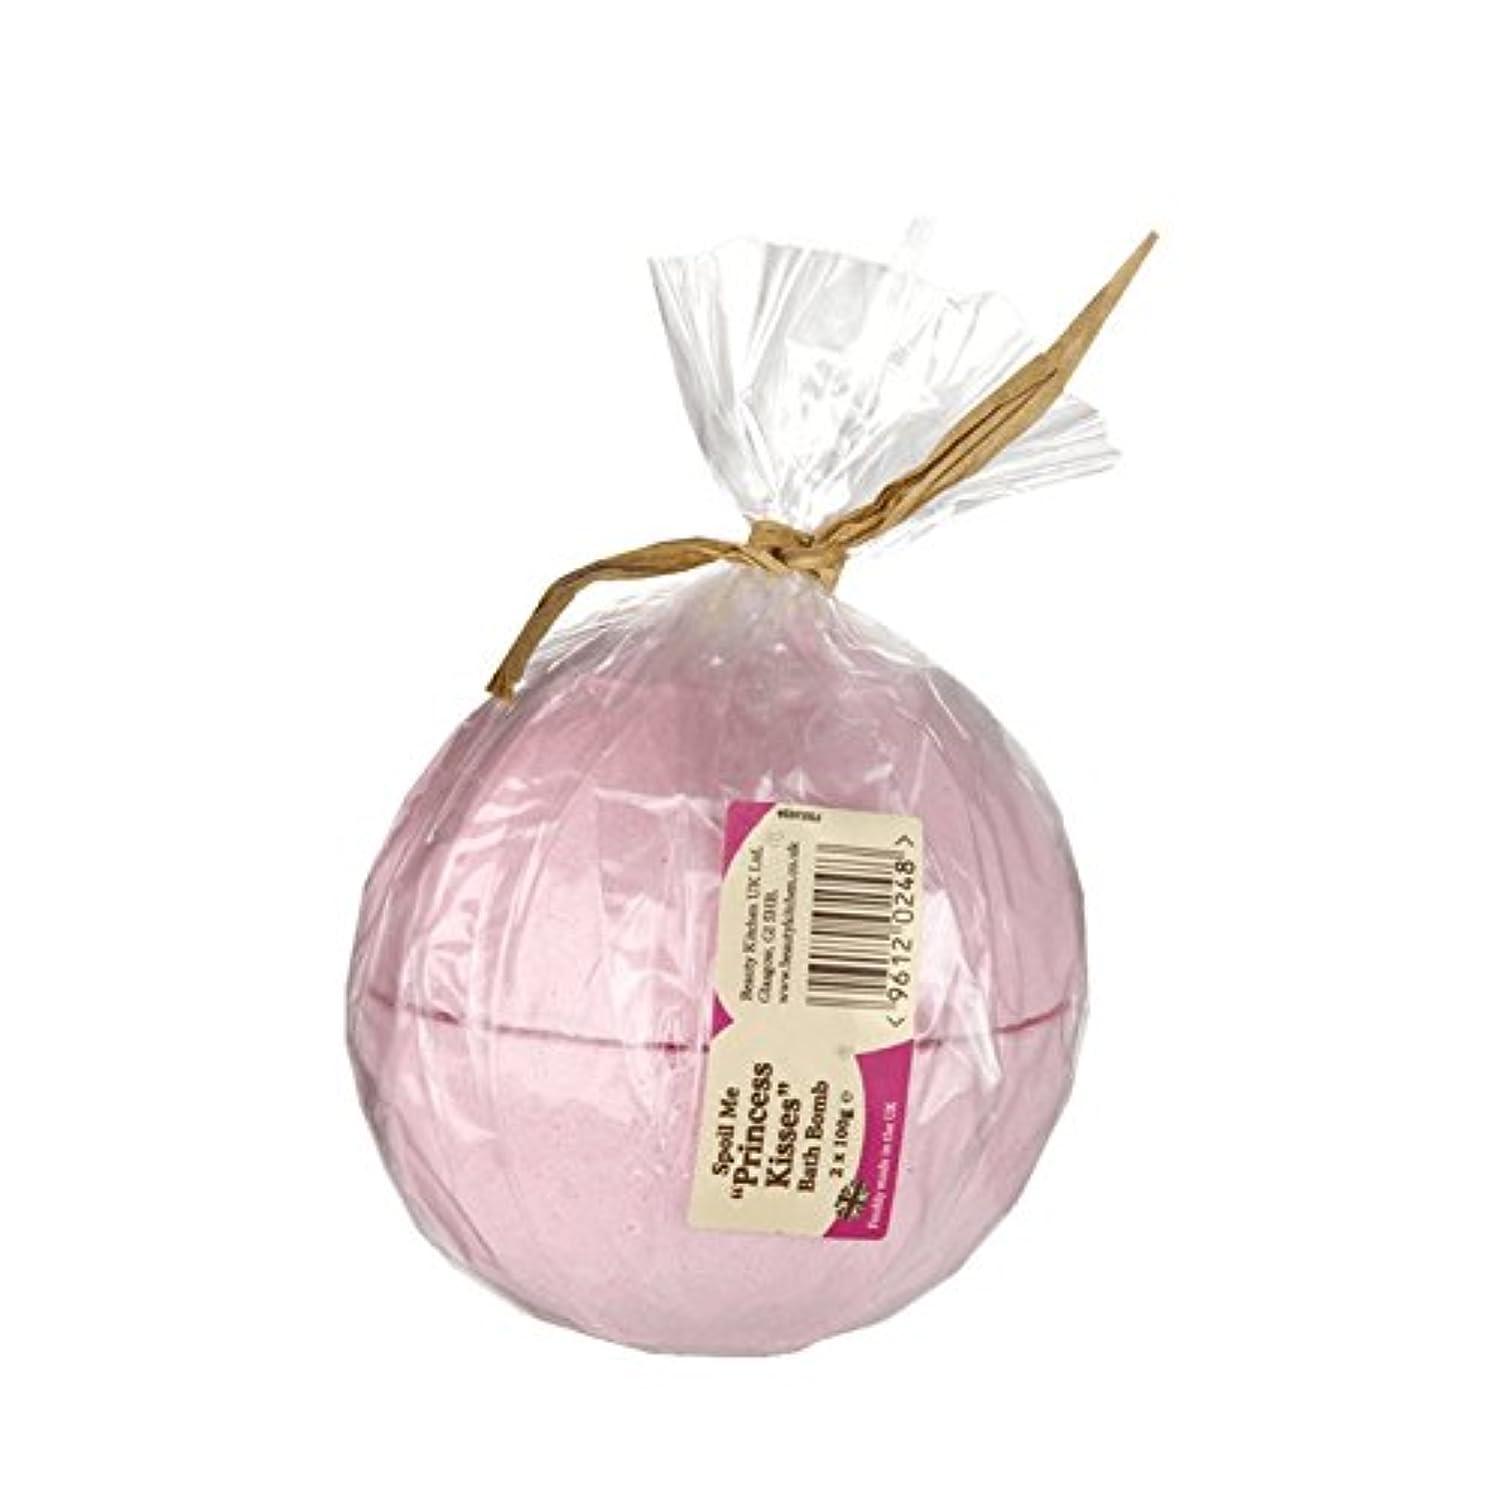 勝利アリ泣くBeauty Kitchen Spoil Me Princess Kisses Bath Bomb 2 x 100g (Pack of 6) - 私台無し美容キッチン王女は、お風呂爆弾2×100グラムをキス (x6) [...